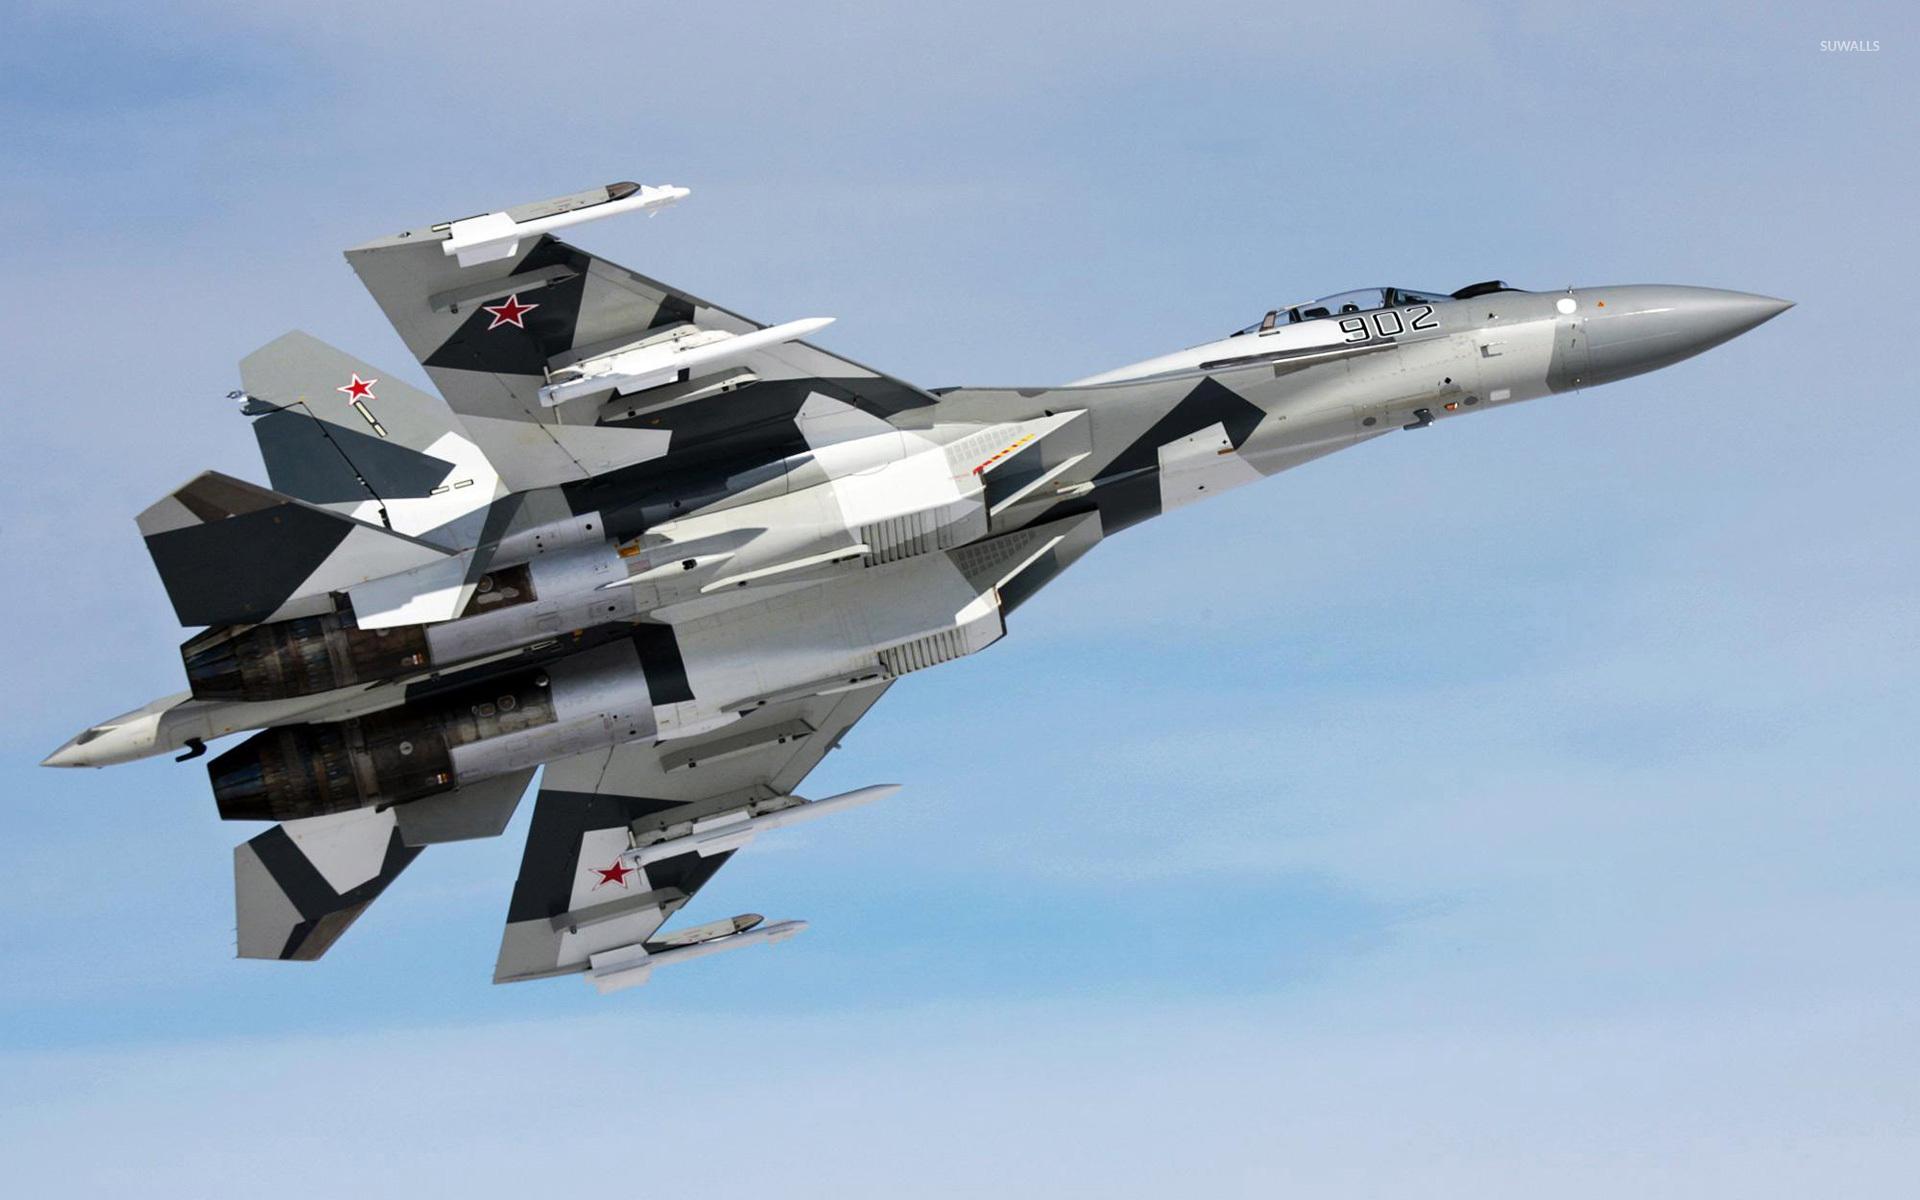 Sukhoi Su-35 wallpaper